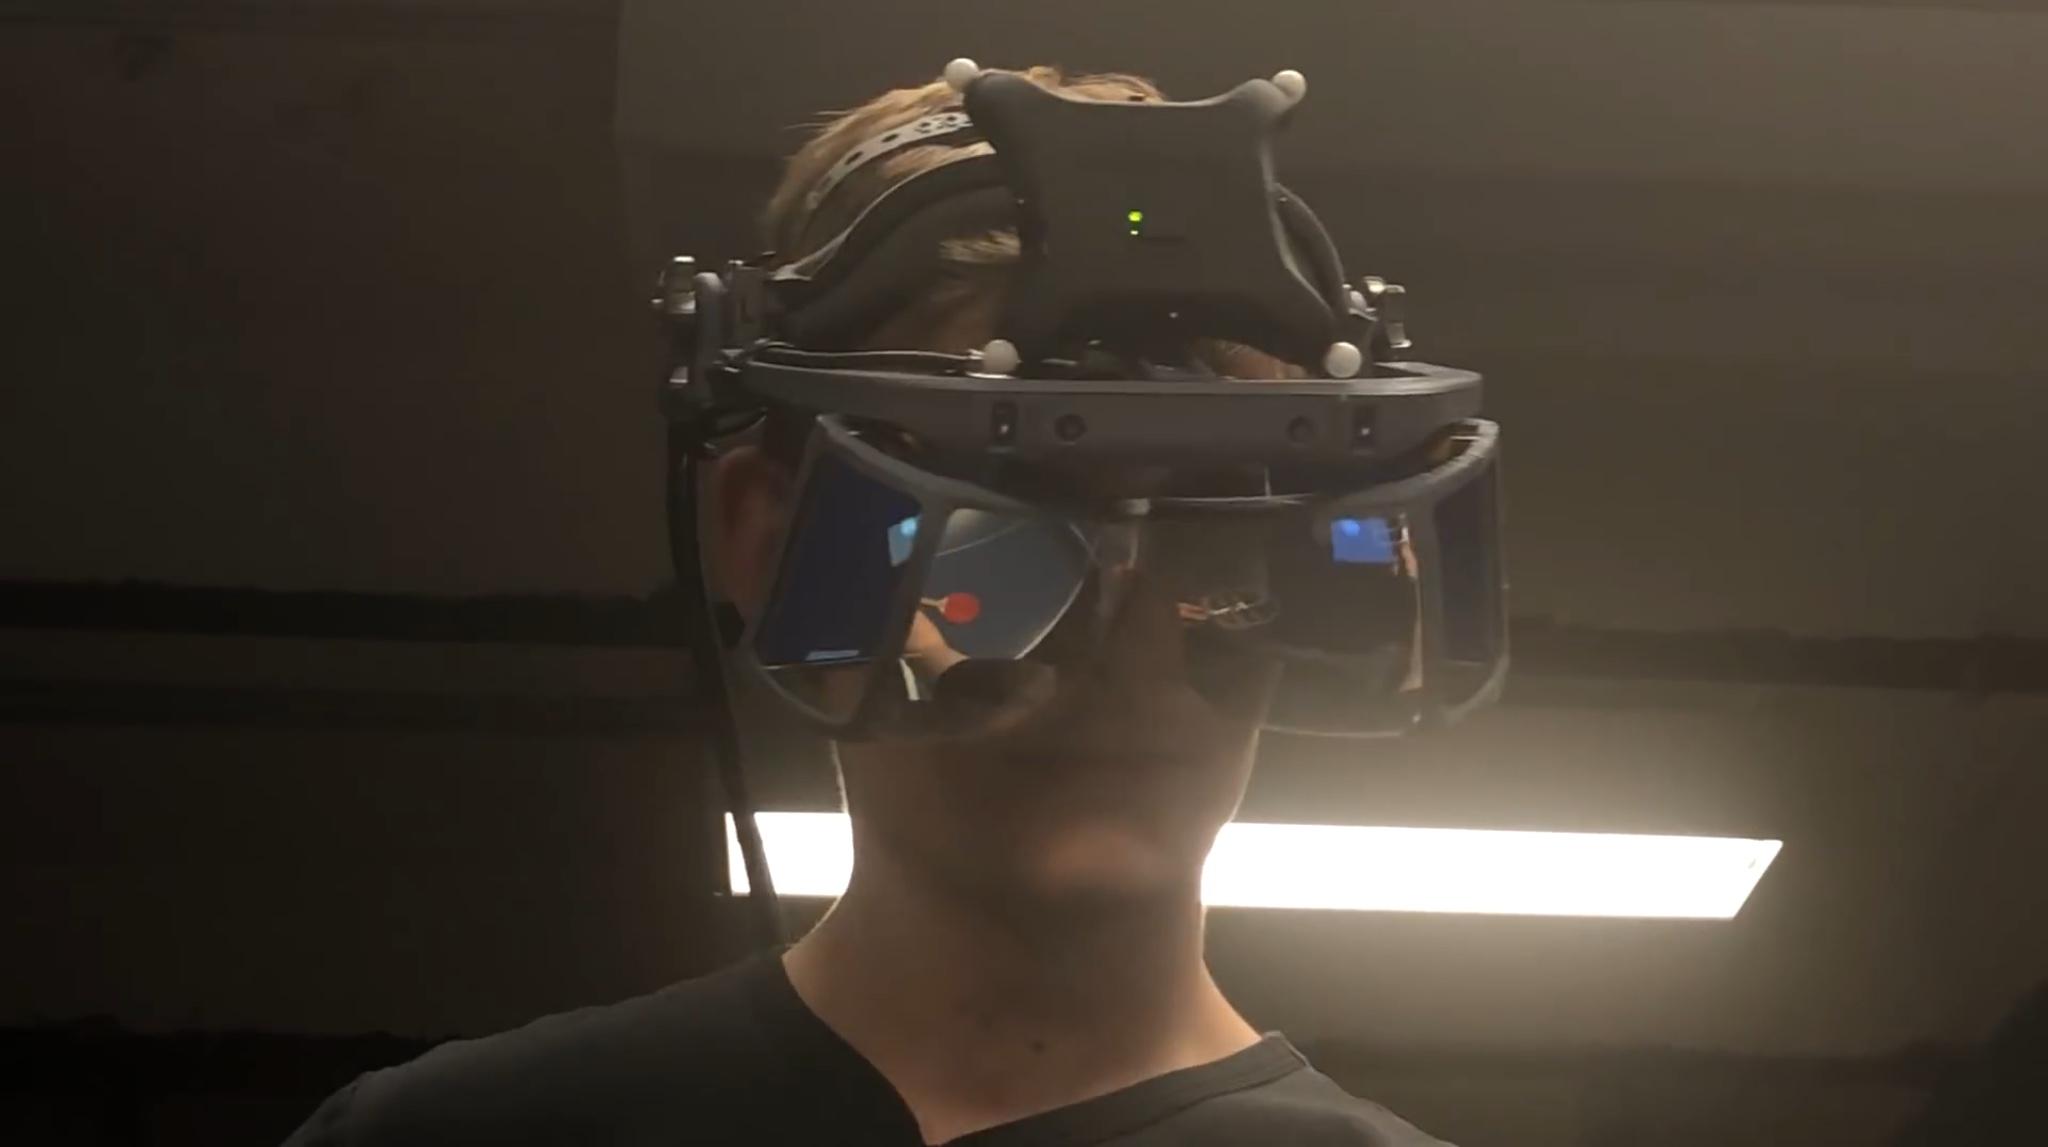 Гарнитура дополненной реальности Leap Motion позволяет играть в пинг-понг с искусственным интеллектом